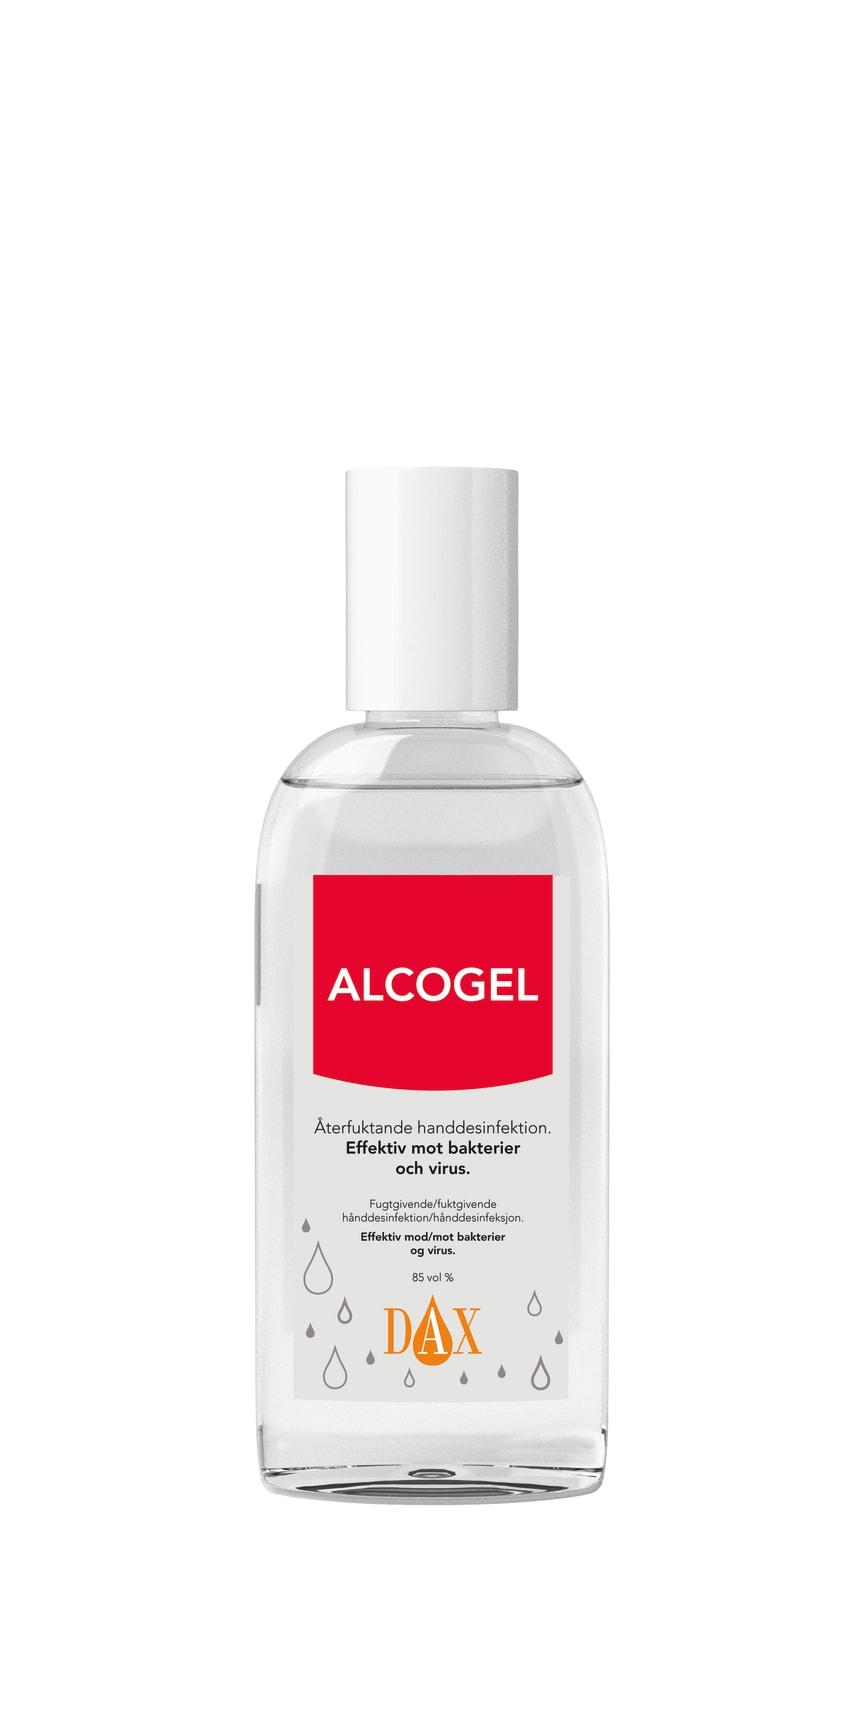 DAX Alcogel 75 ml